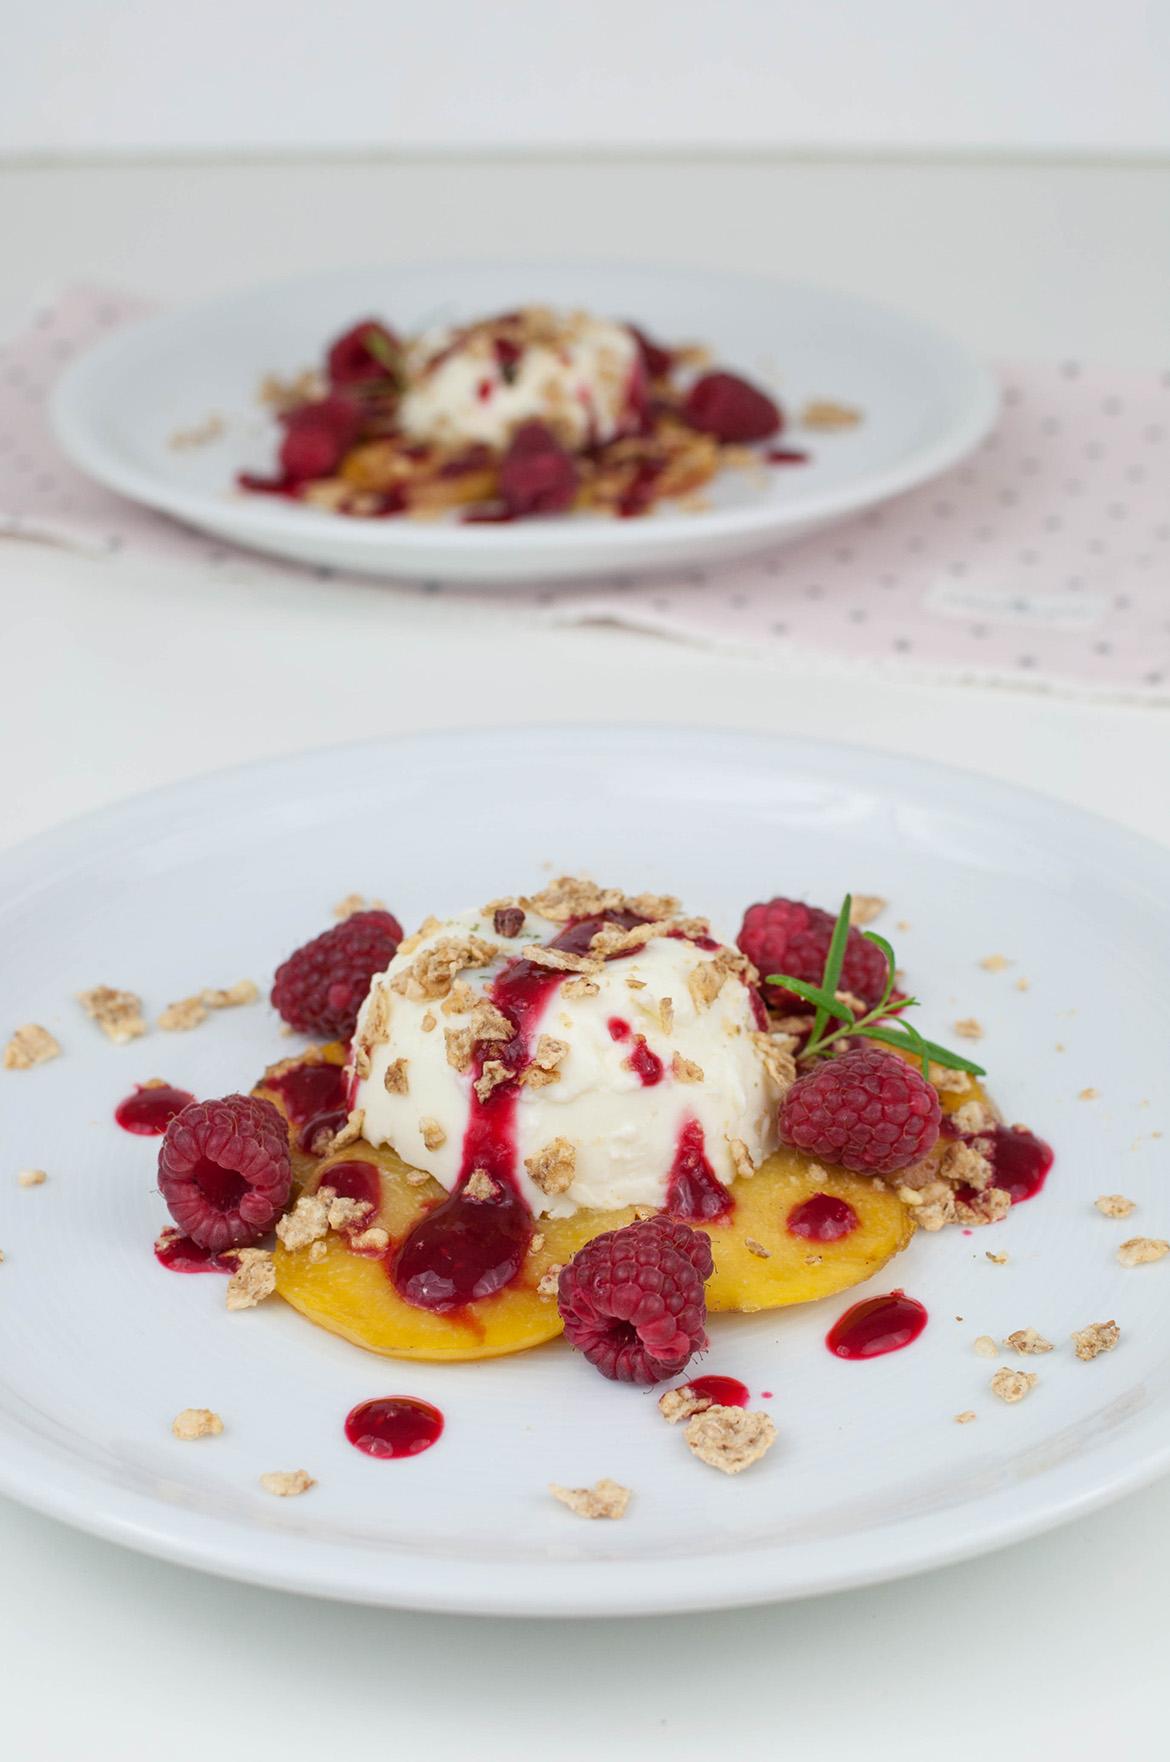 Rosmarin Panna cotta mit gebratenen Pfirsichen und Himbeeren